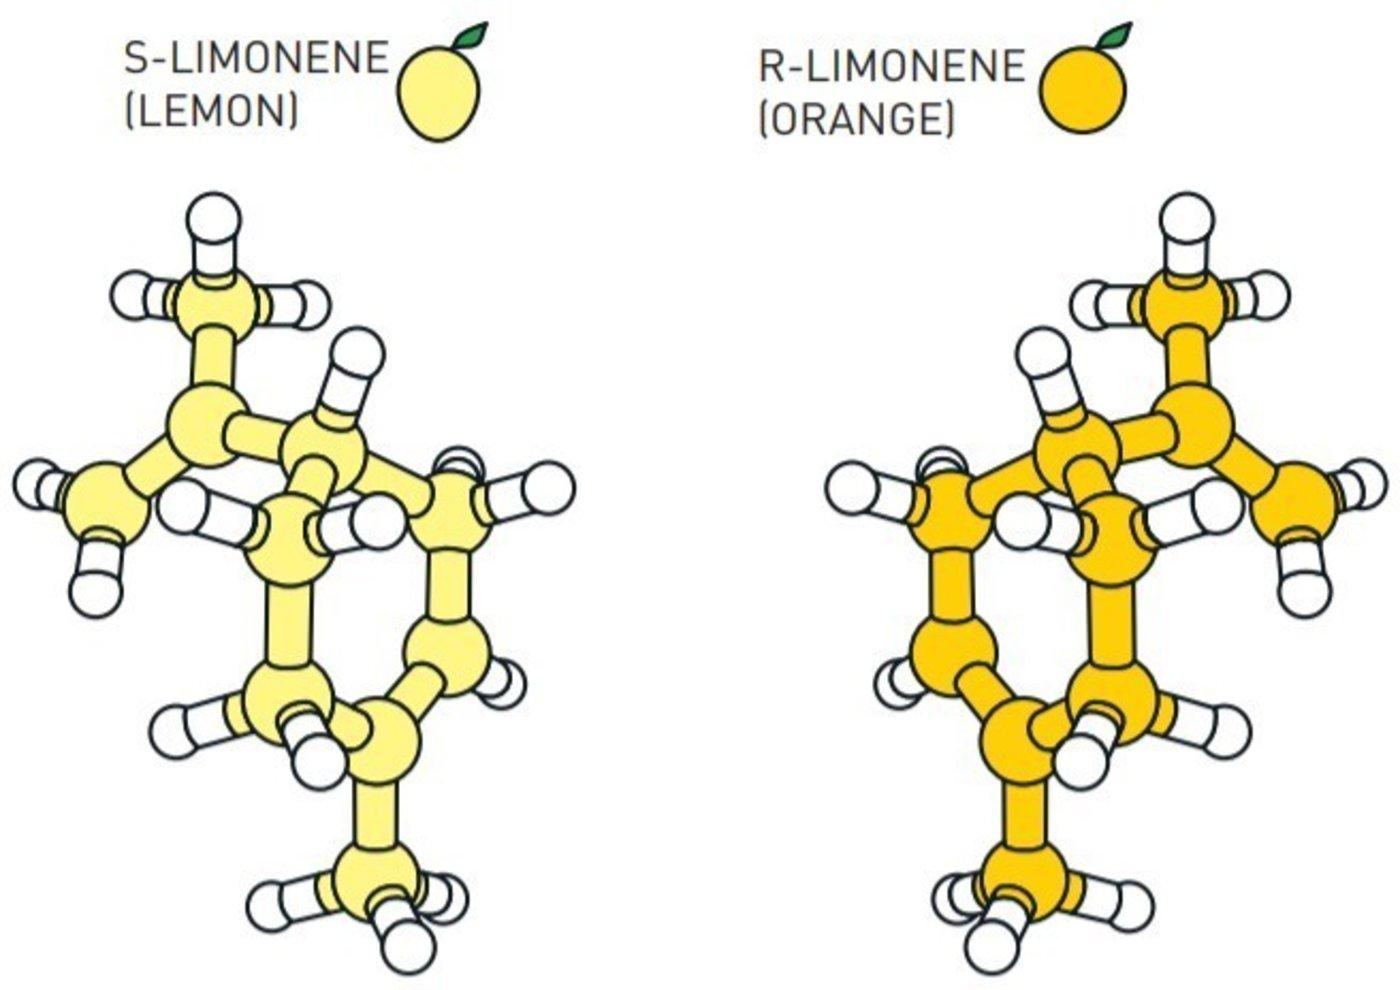 两种互为镜像的分子,左旋柠烯(S-Limonene)与右旋柠烯(R-Limonene)(瑞典皇家科学院)